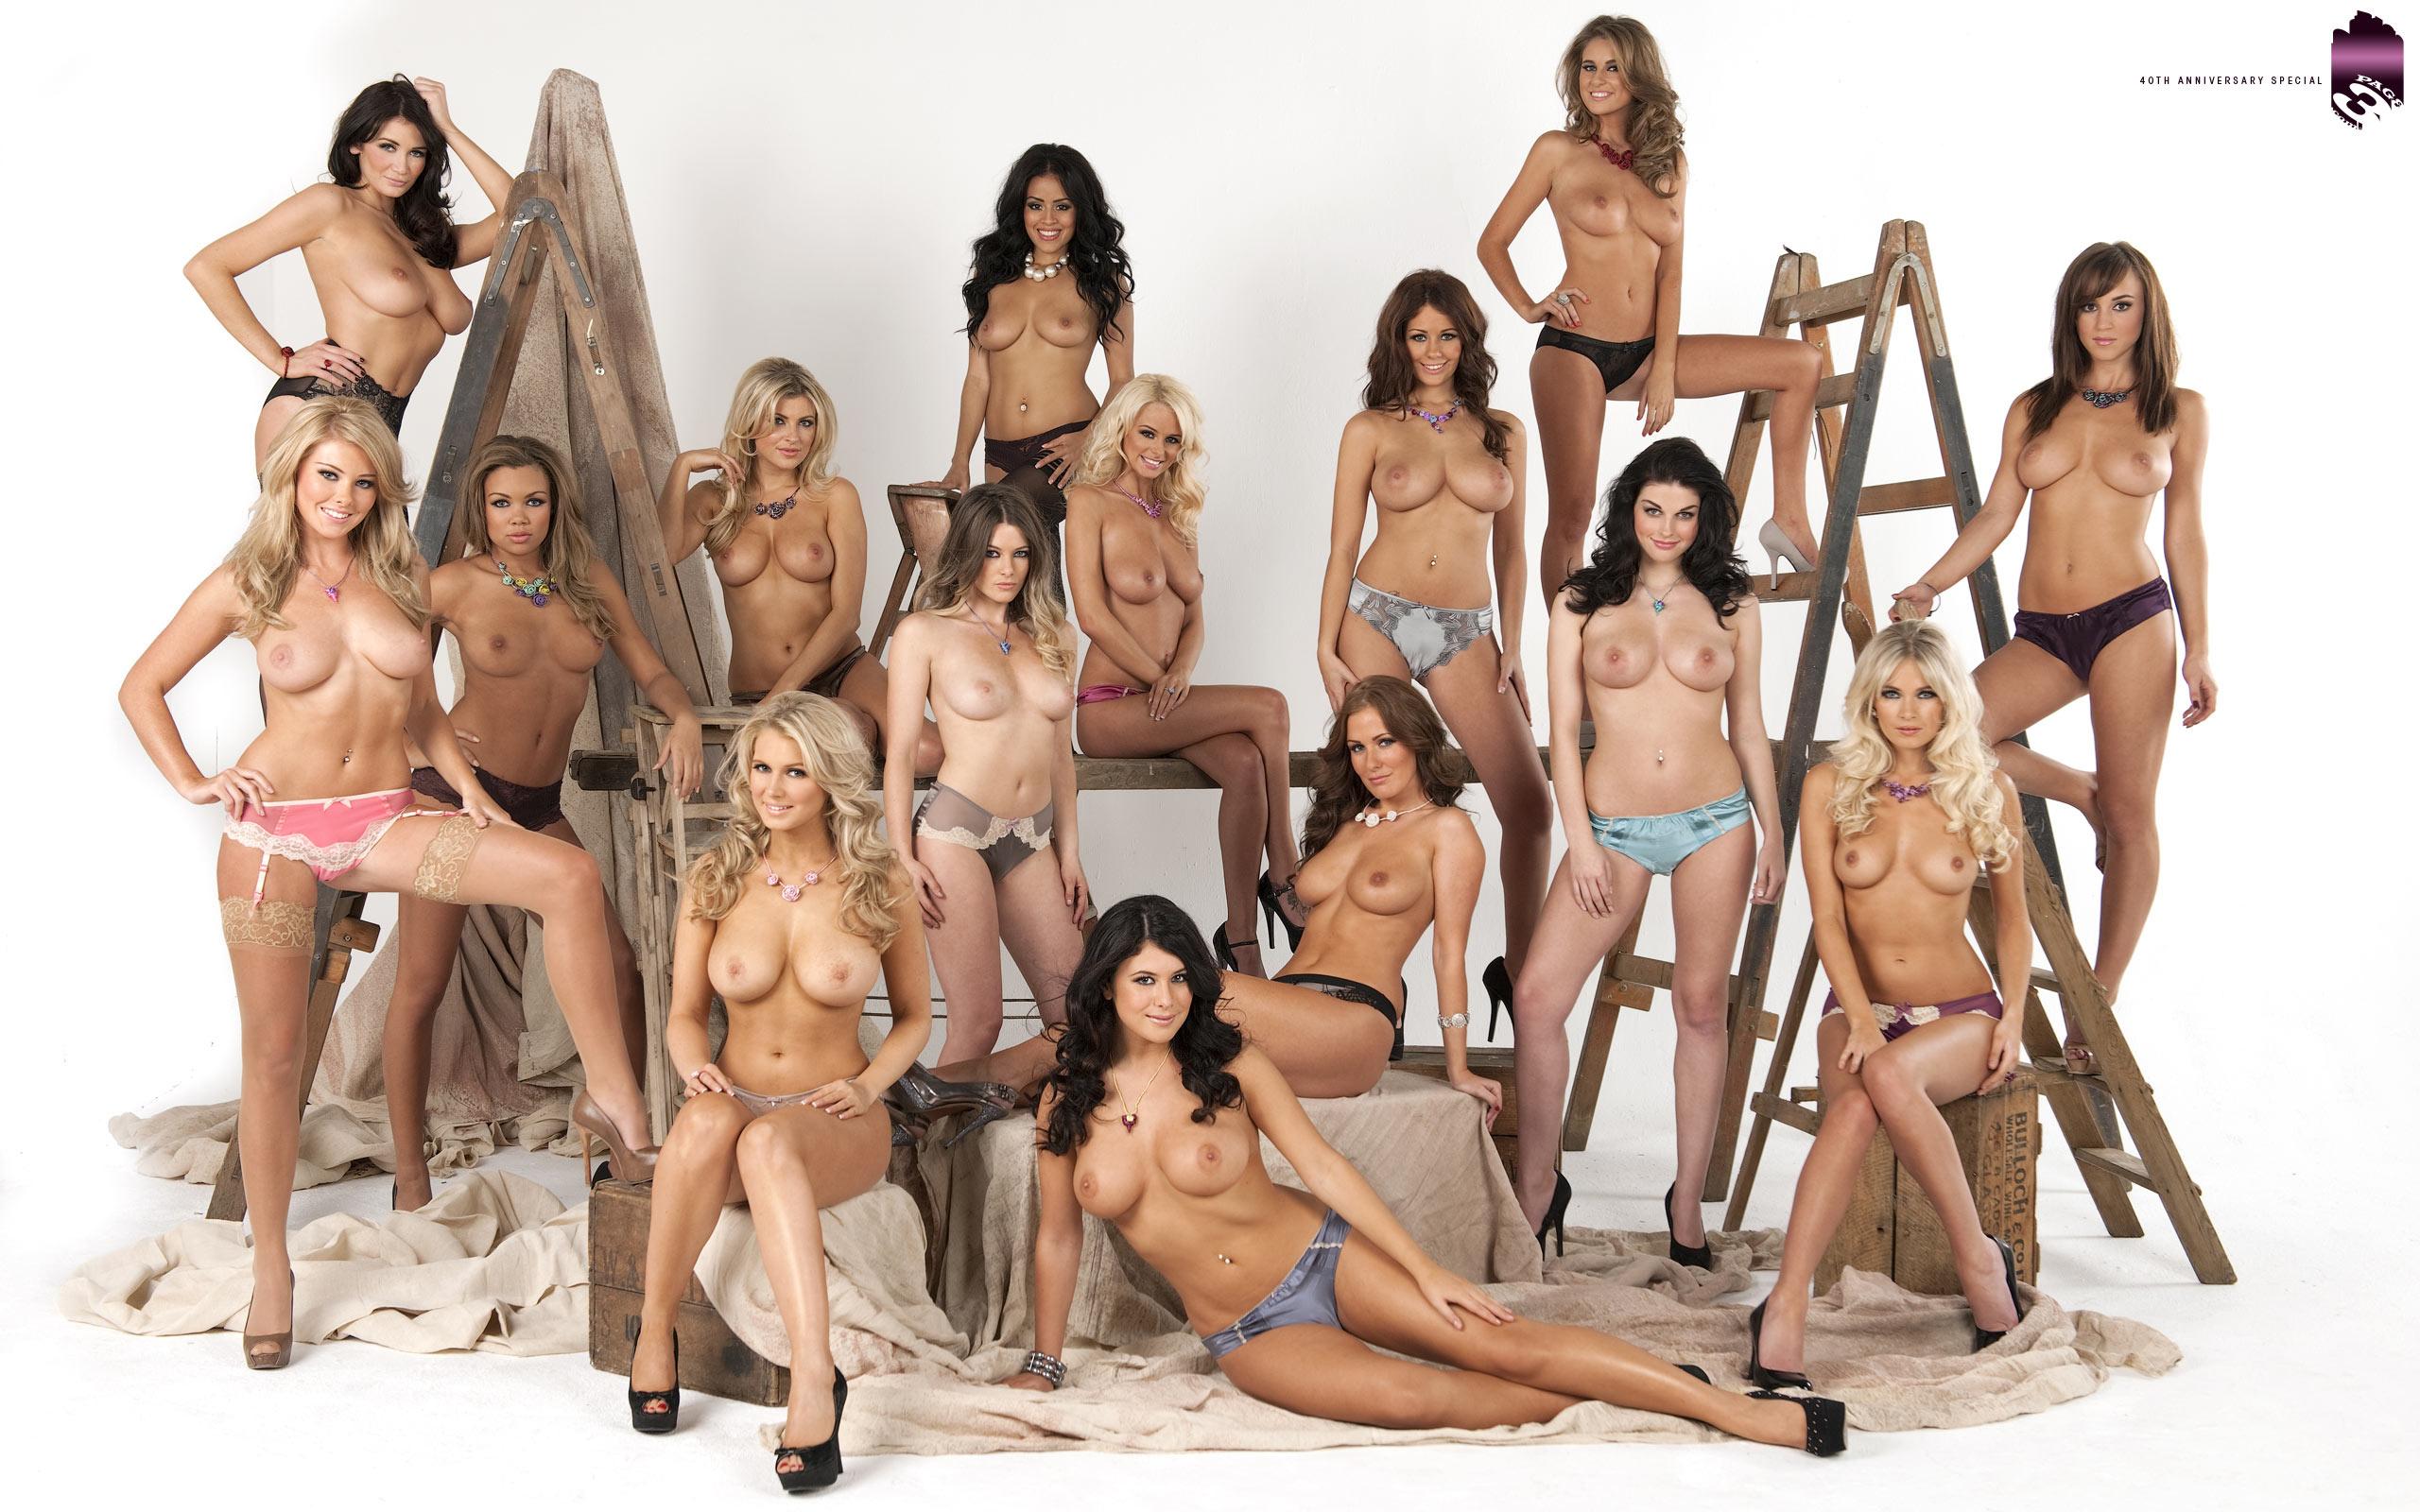 group nude women busty